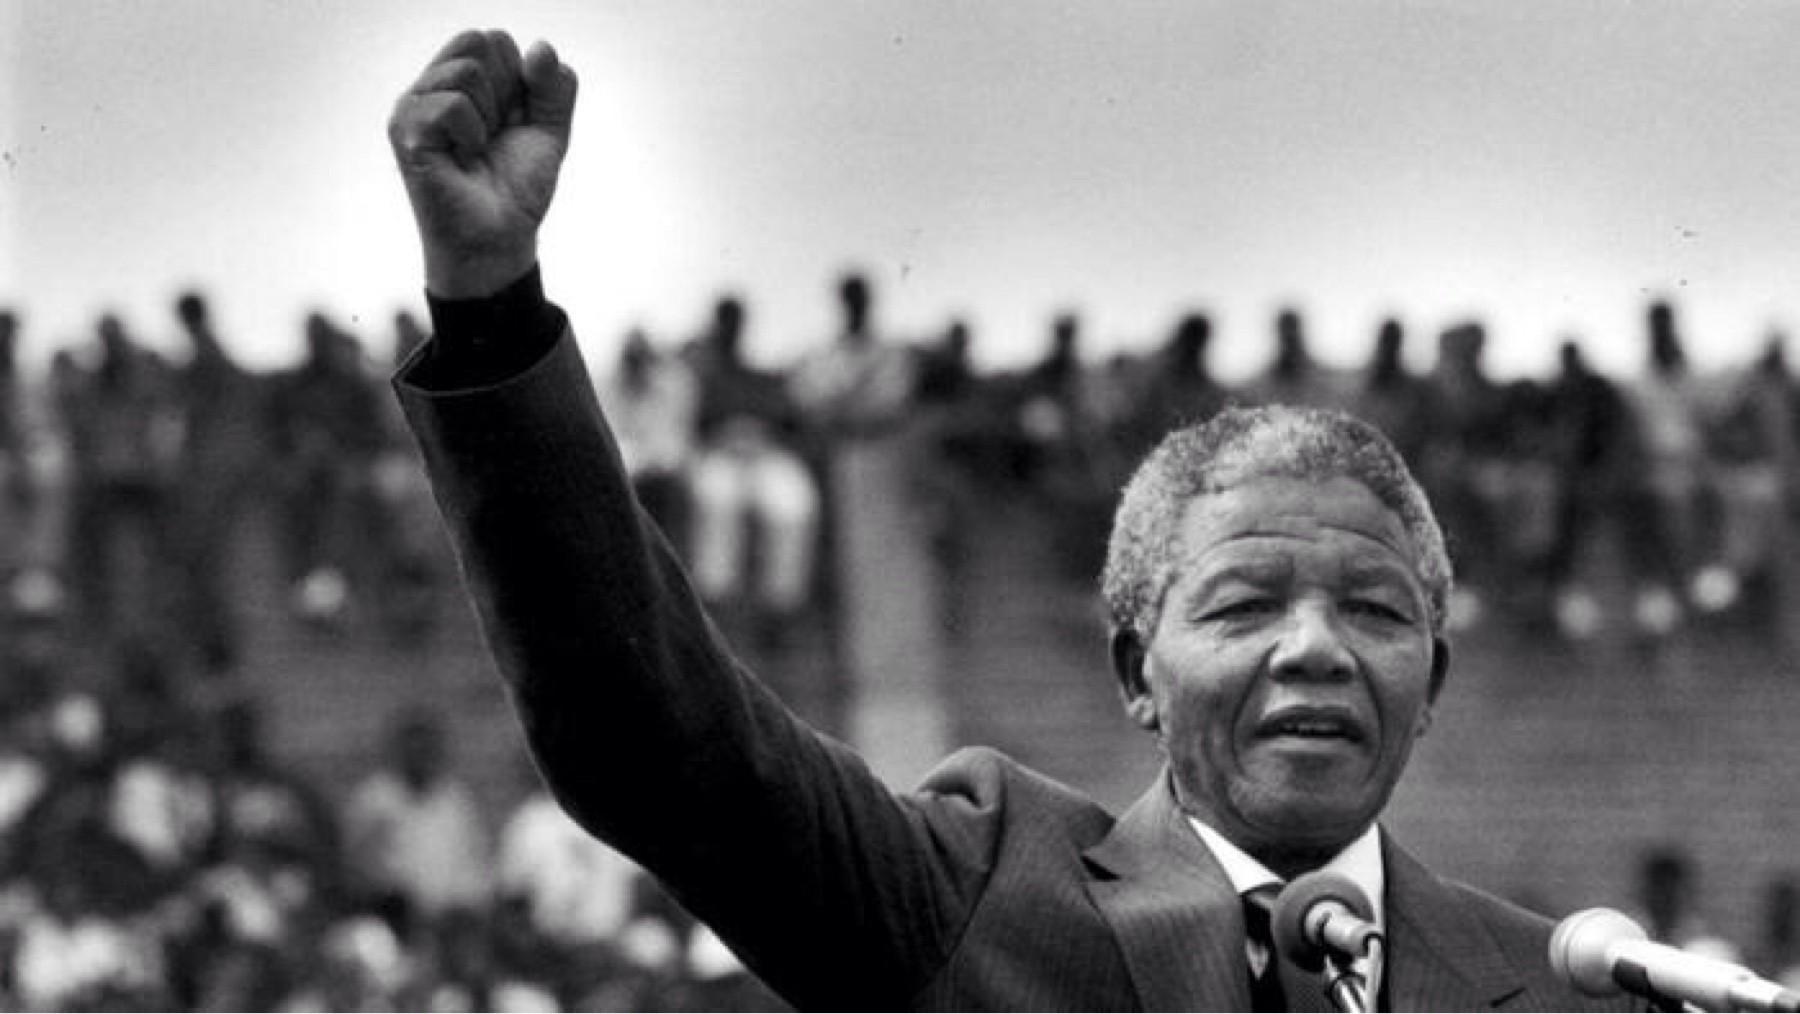 Il y a 30 ans, Nelson Mandela, le fantôme noir de Soweto, était libéré